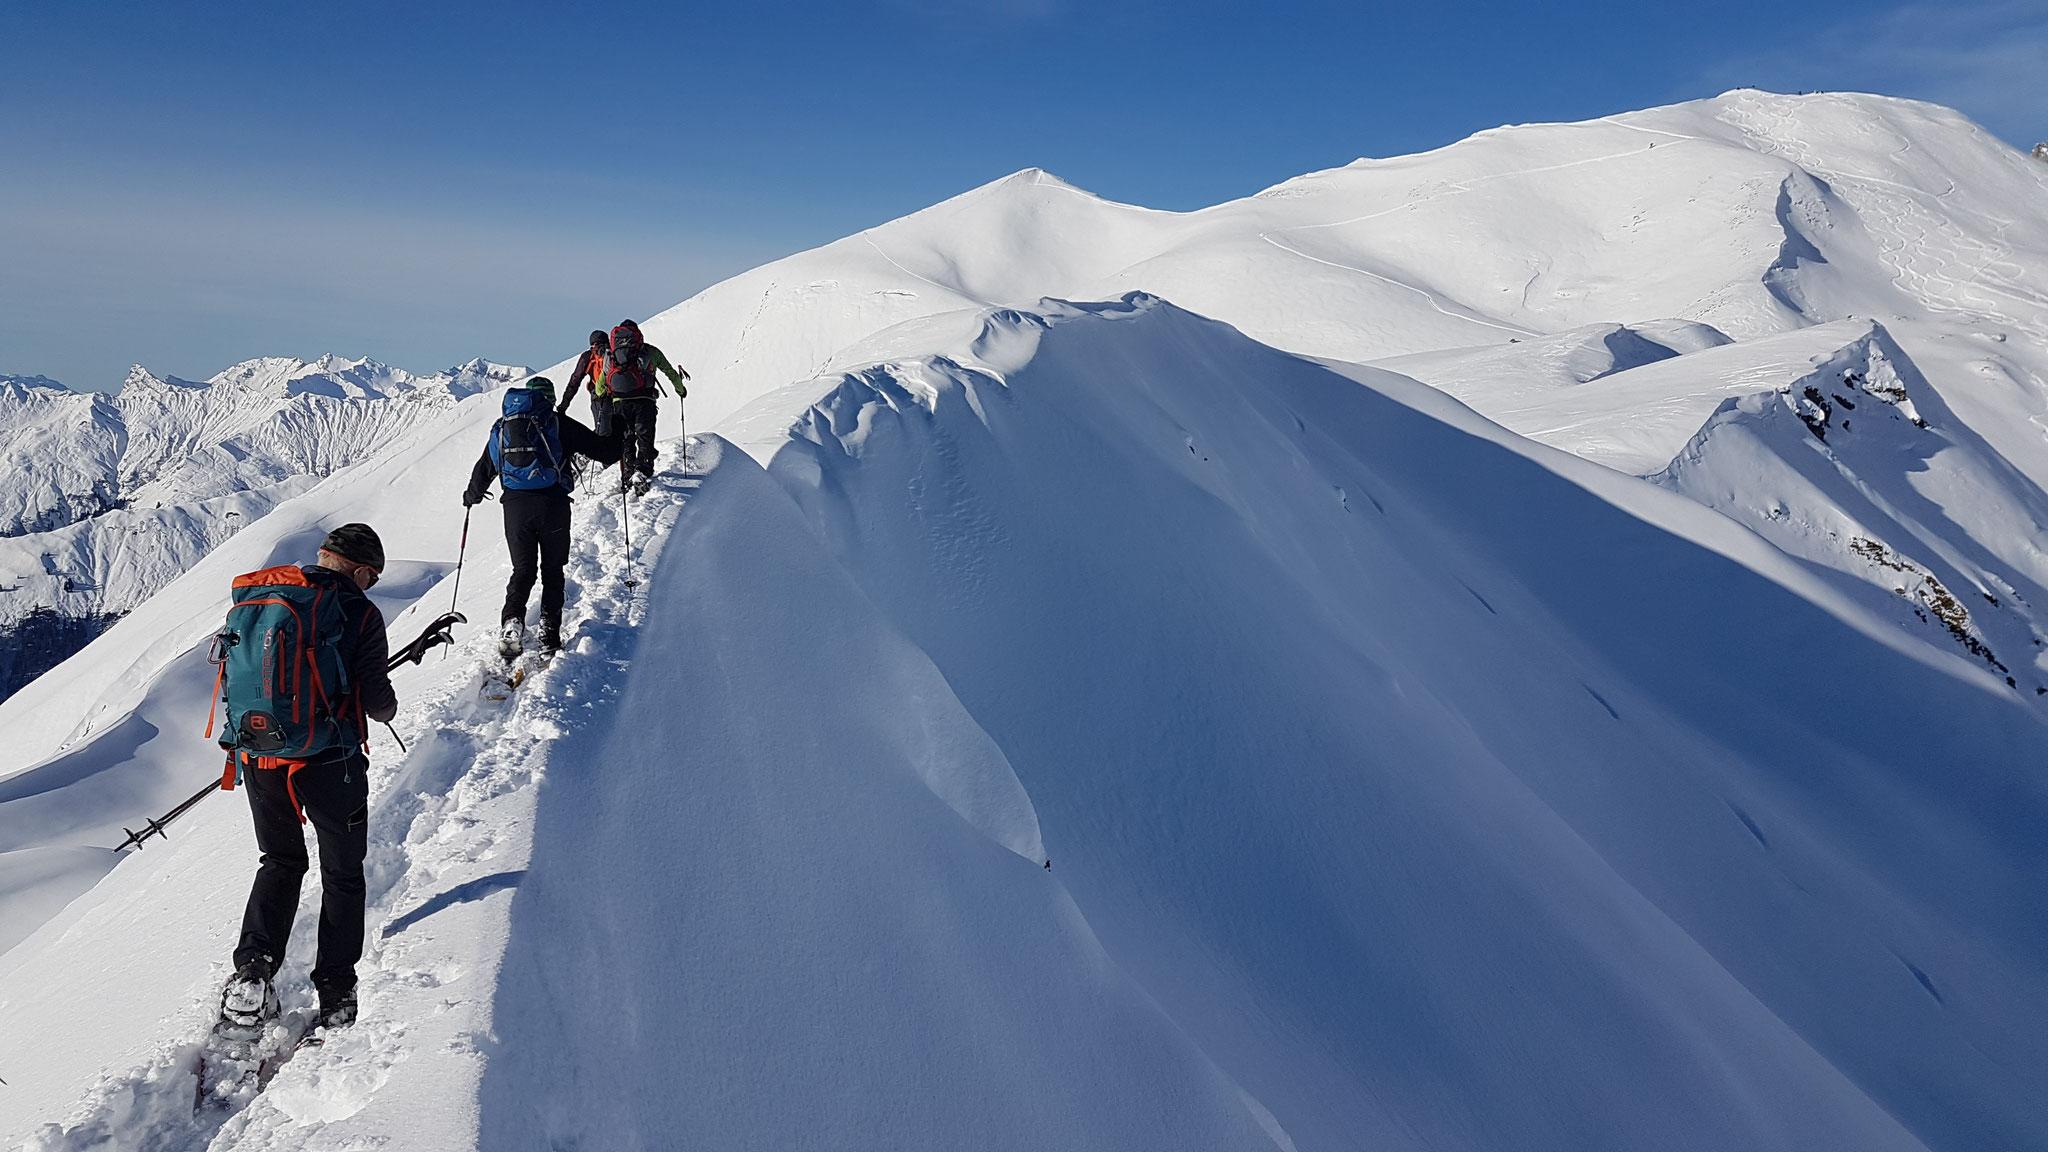 Gratwanderung auf Schneeschuhen